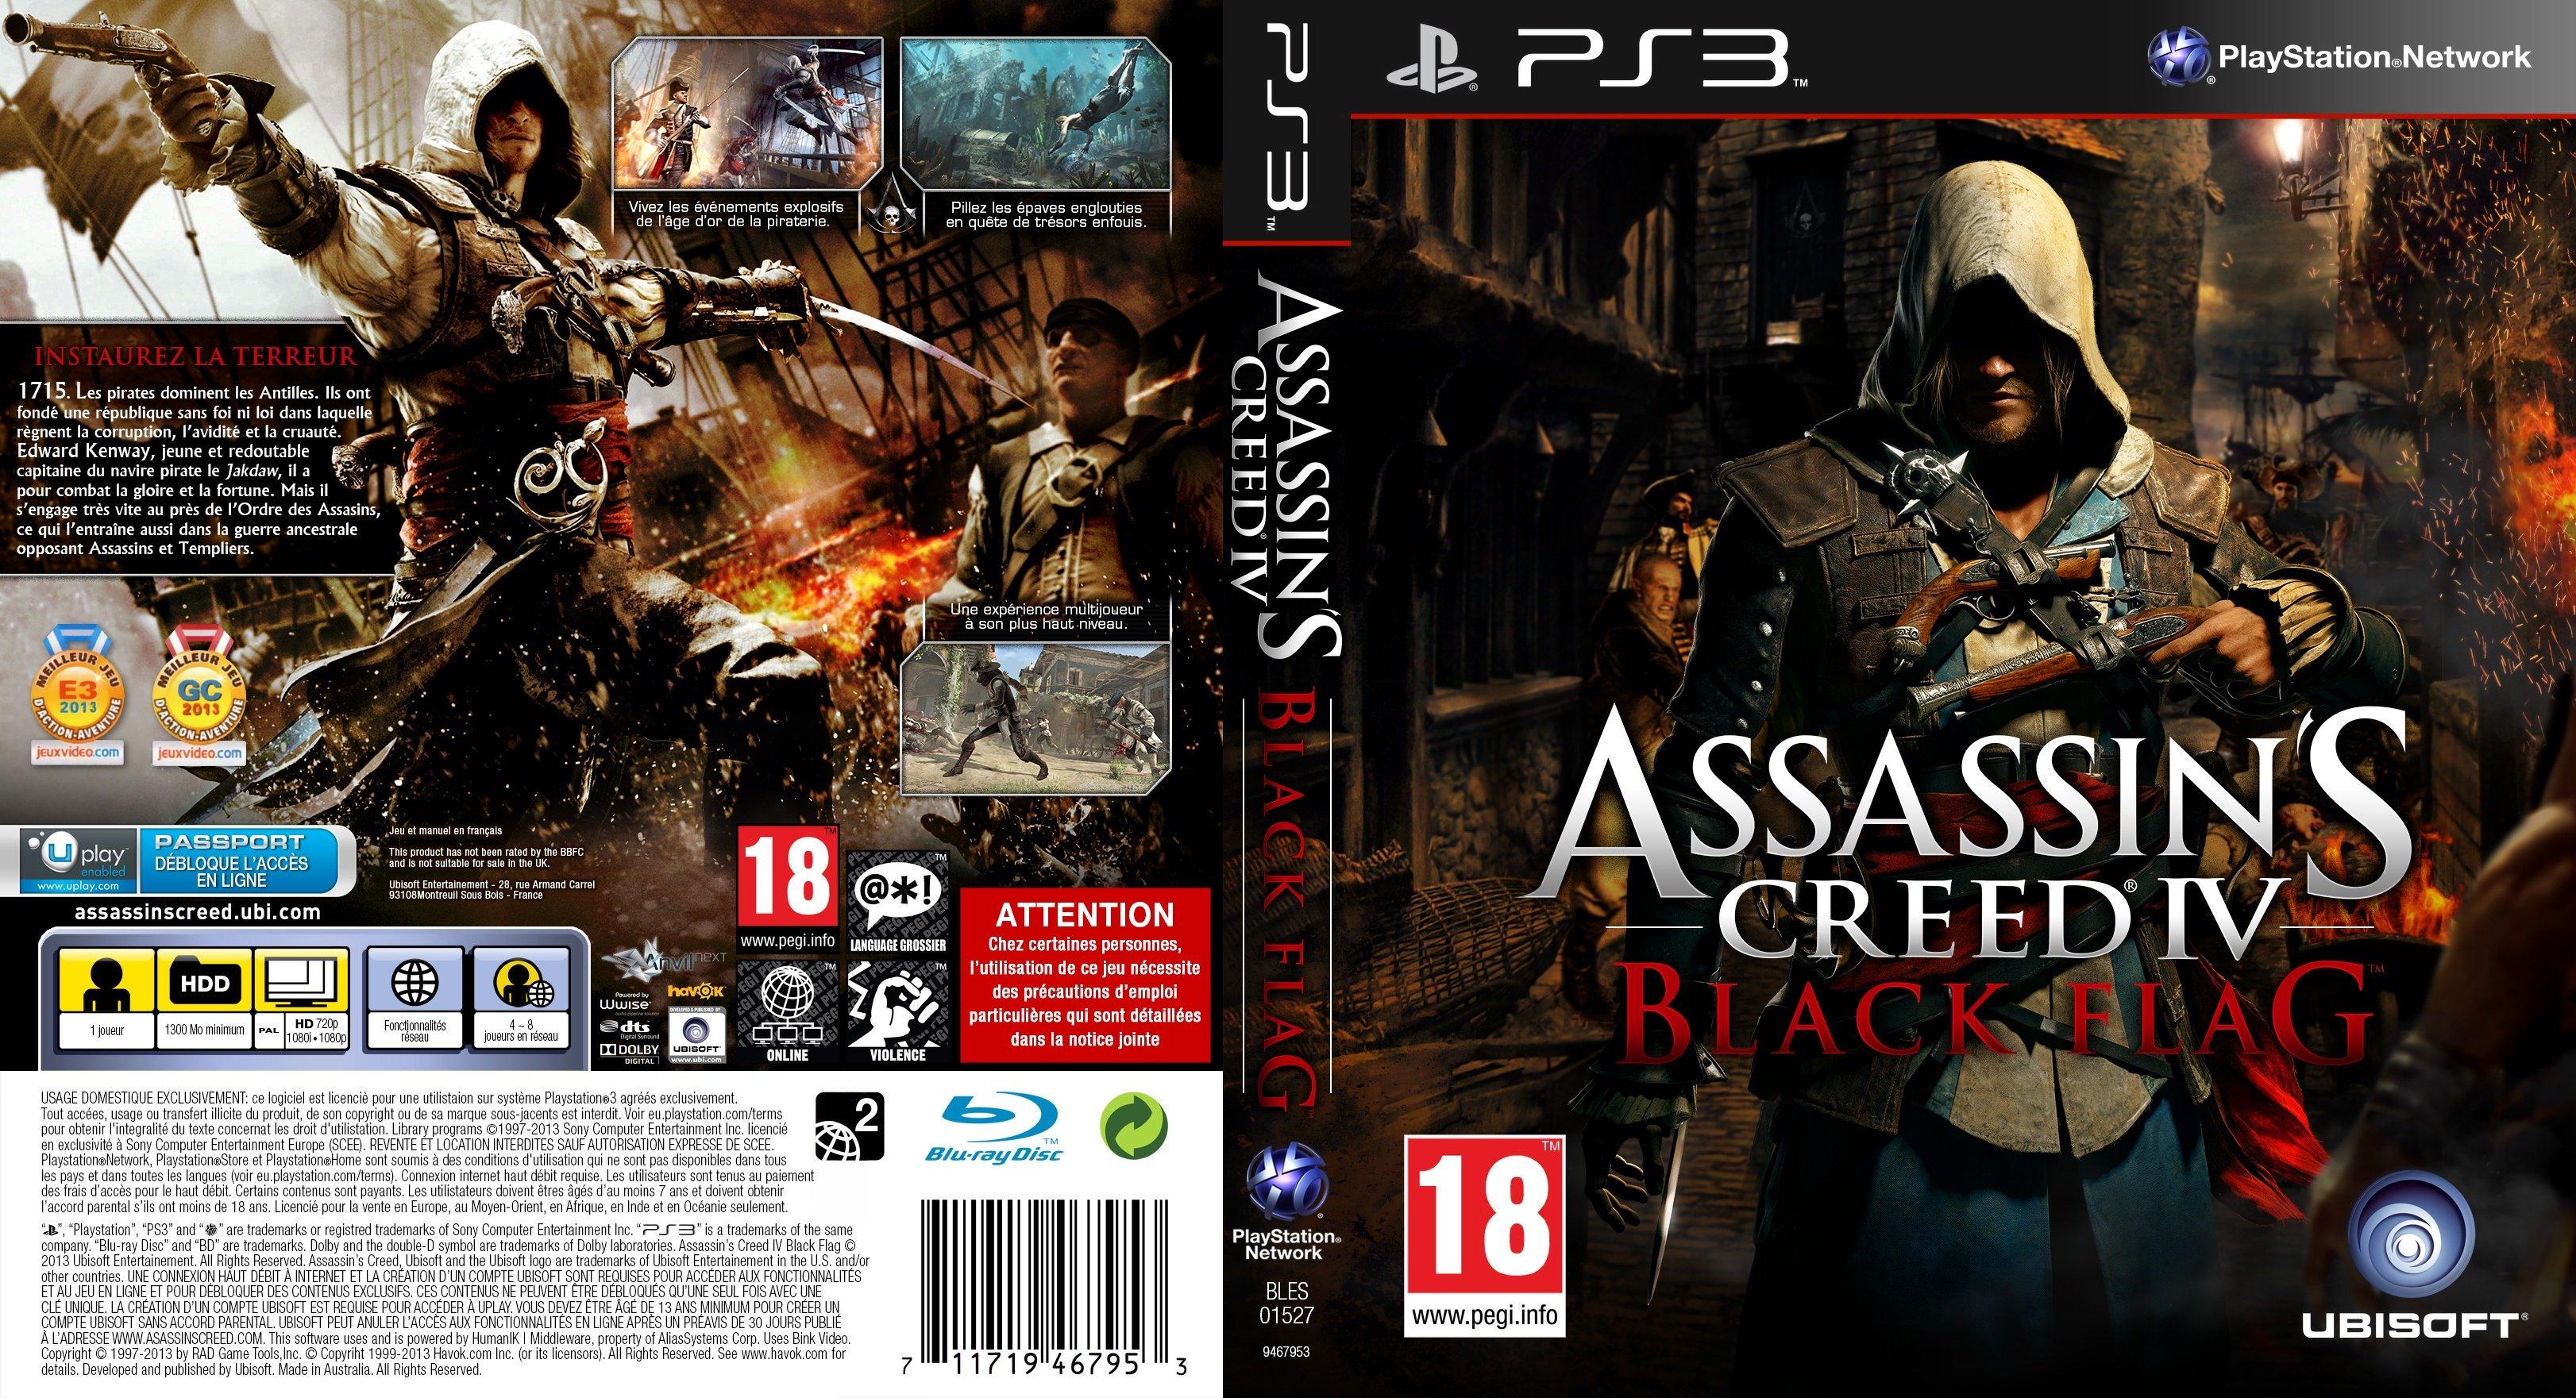 """НУ ЧТО КОРАБЕЛЬНЫЕ КРЫСЫ!, ПРИШЛО ВРЕМЯ. Итак Ребятки """"""""Assassin's Creed 4: Black Flag"""""""" вышел. Что именно для вас з ... - Изображение 1"""